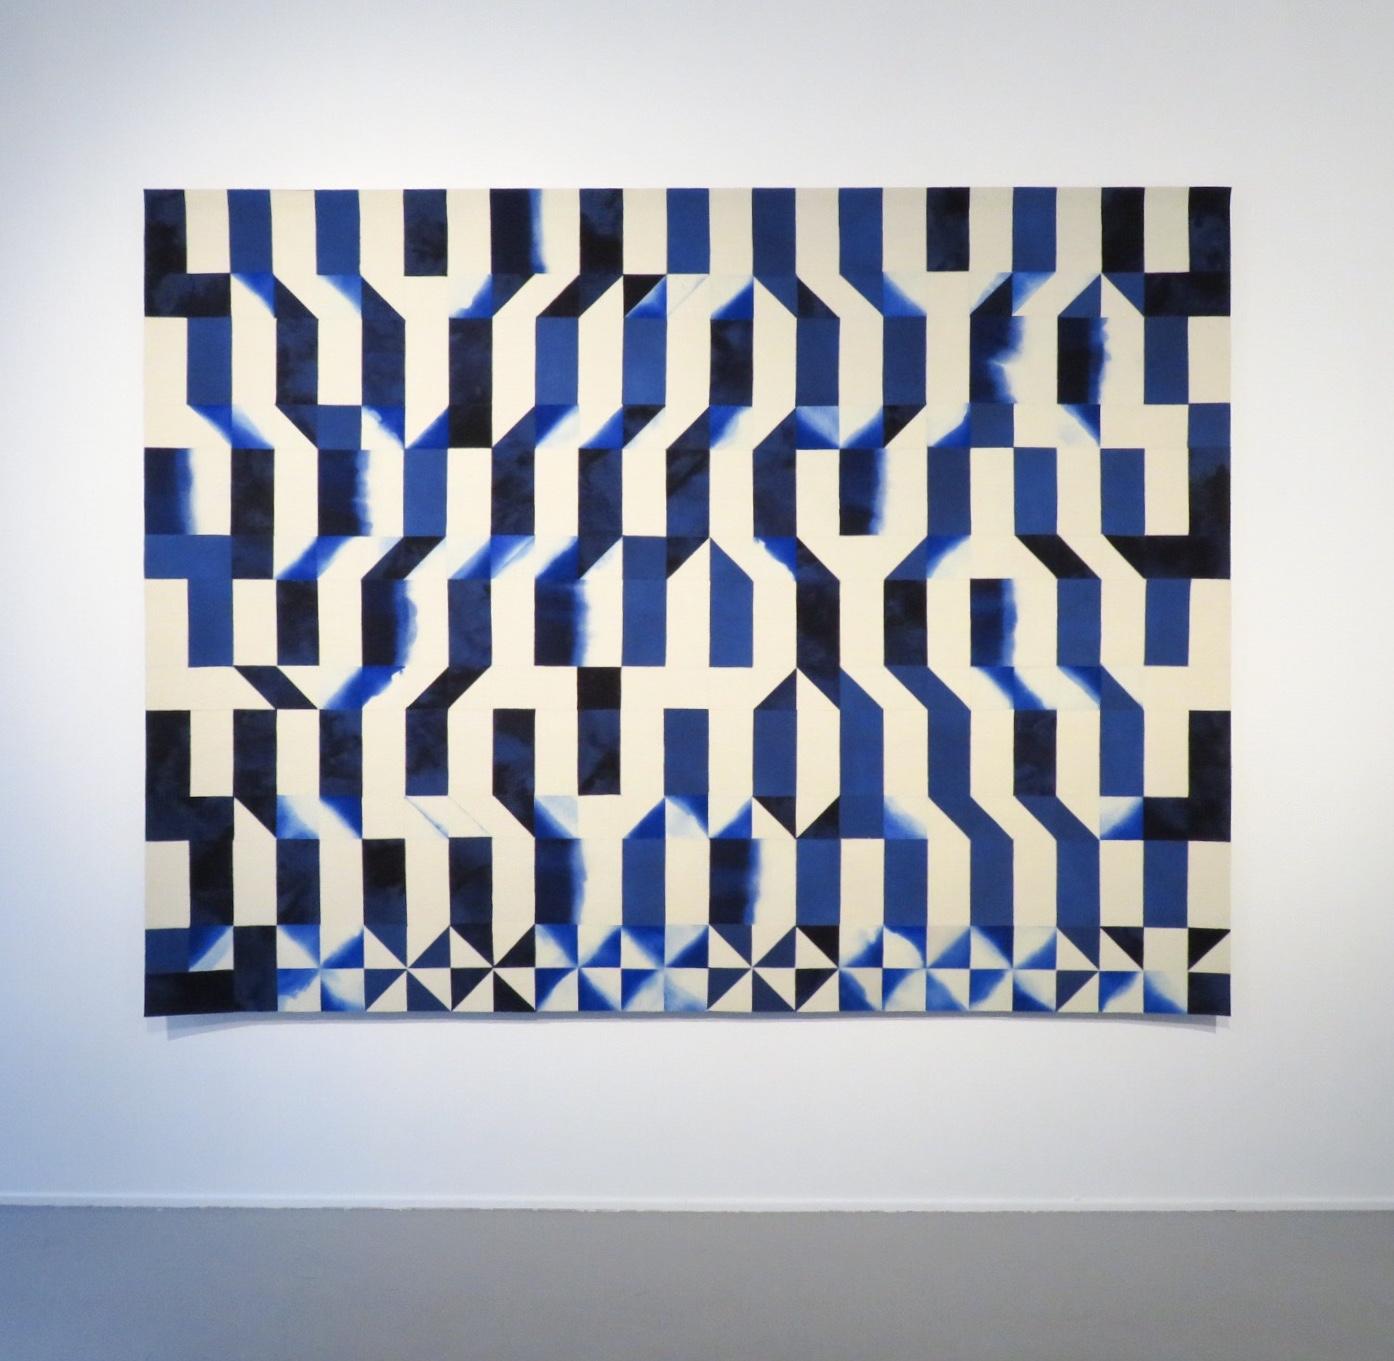 Inger Johanne Rasmussen |  Mønster gjennom tårer,  2019 | H. 187 x W. 245 cm.  Photo: Courtesy of Galleri Format Oslo